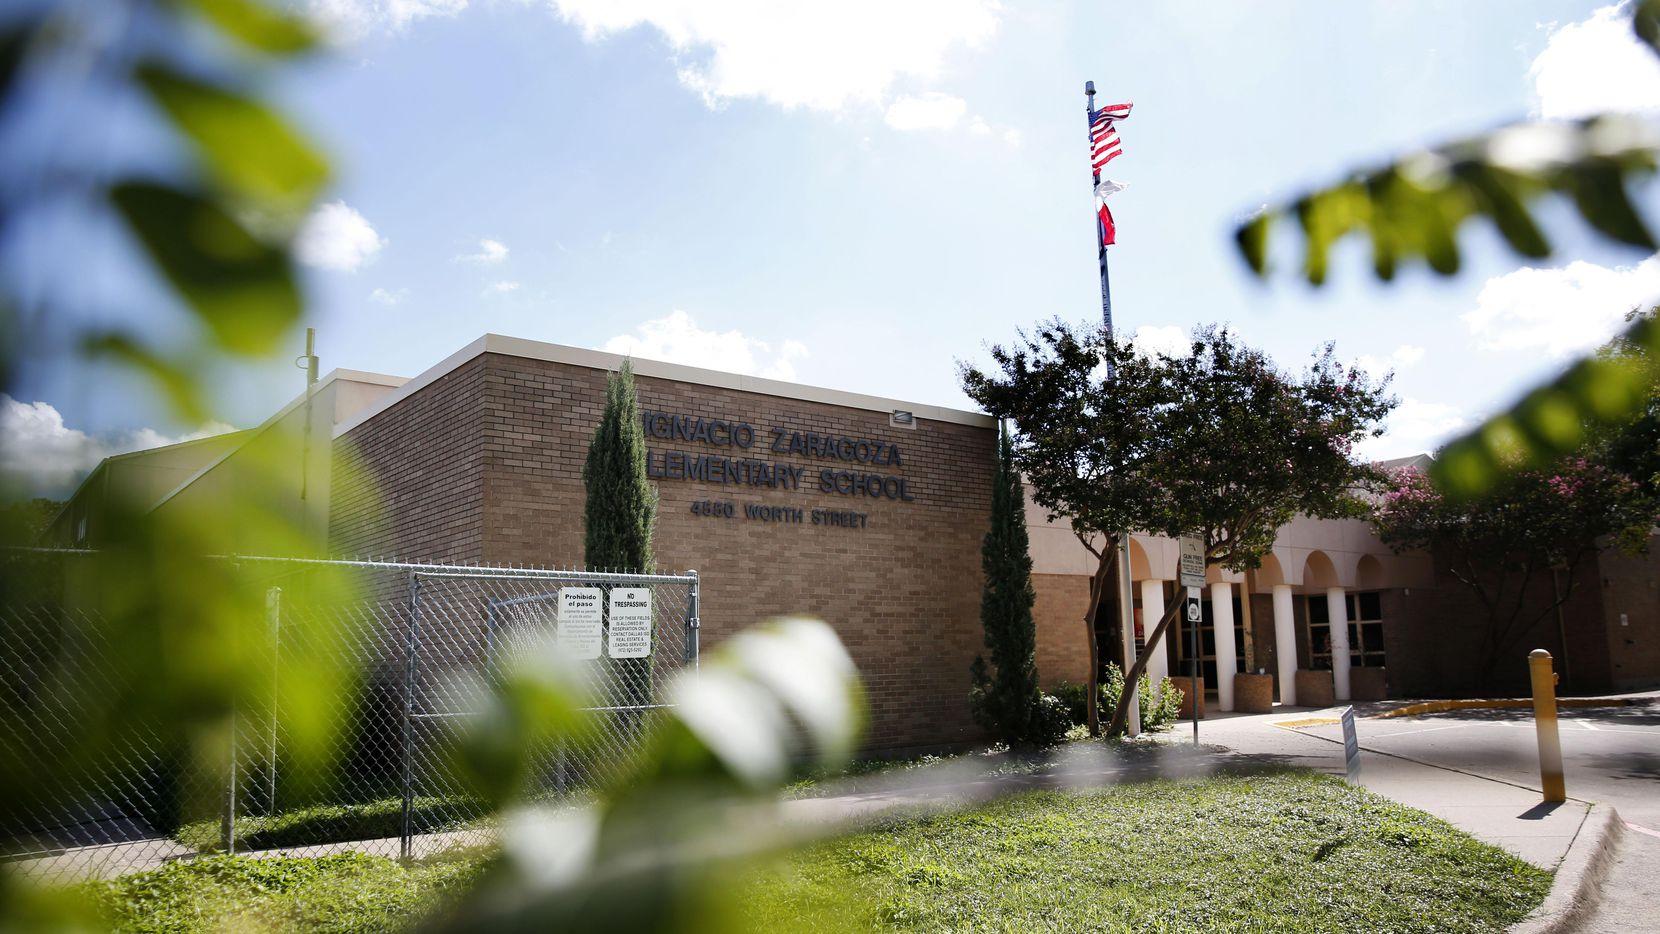 La primaria Ignacia Zaragoza está en la lista de las escuelas que podrían cerrarse. (DMN/ROSE BACA)